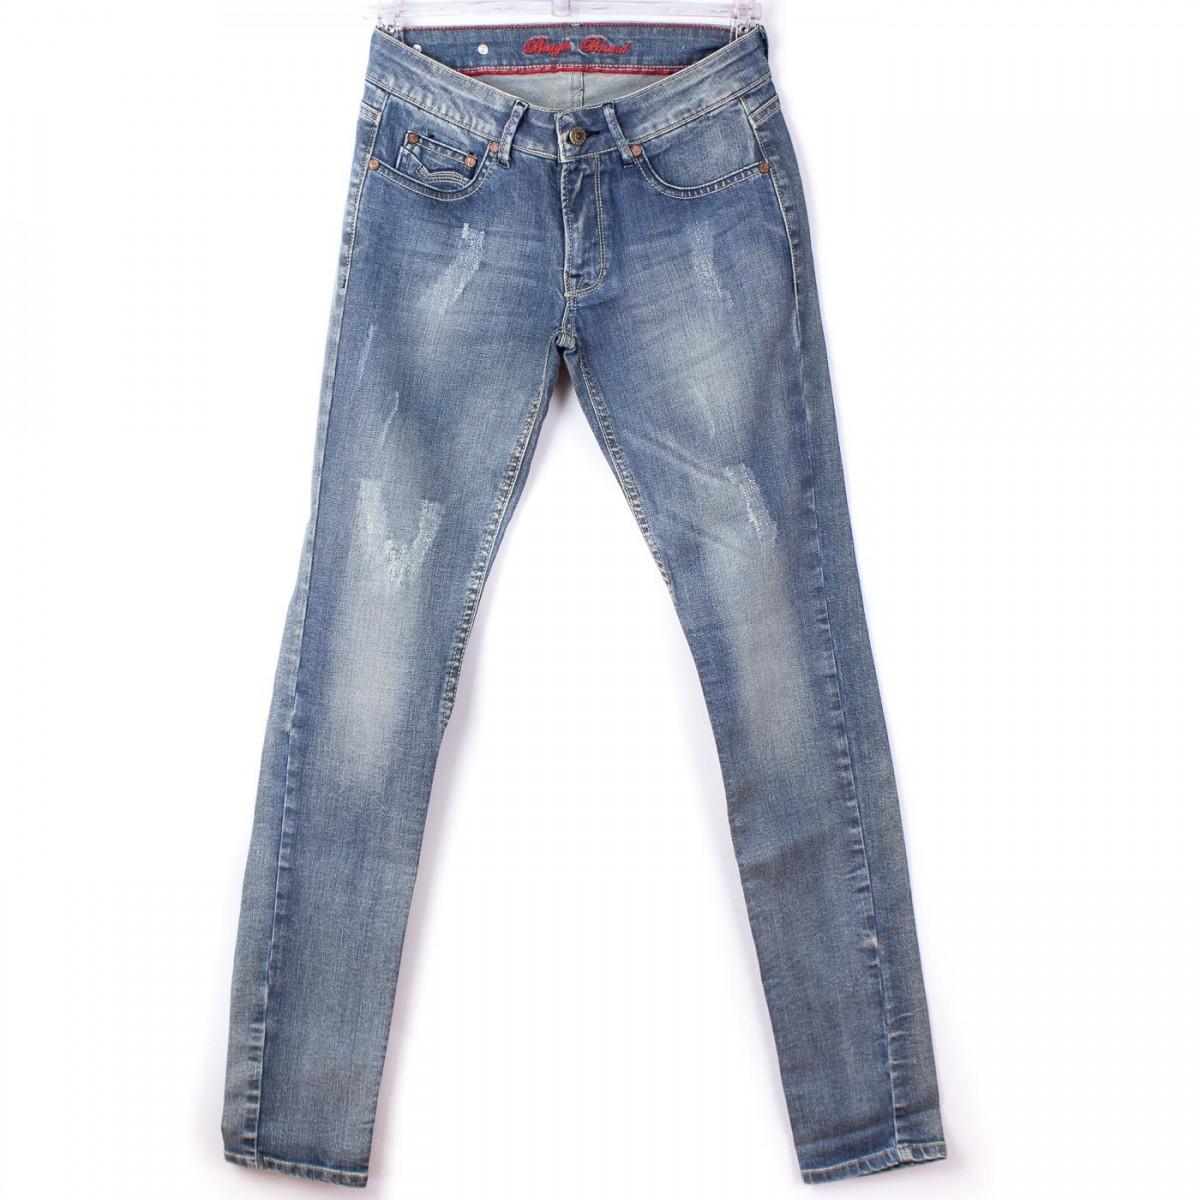 6e0812a38 Imagem - Calça Jeans Beagle Feminina 026911 - 026948